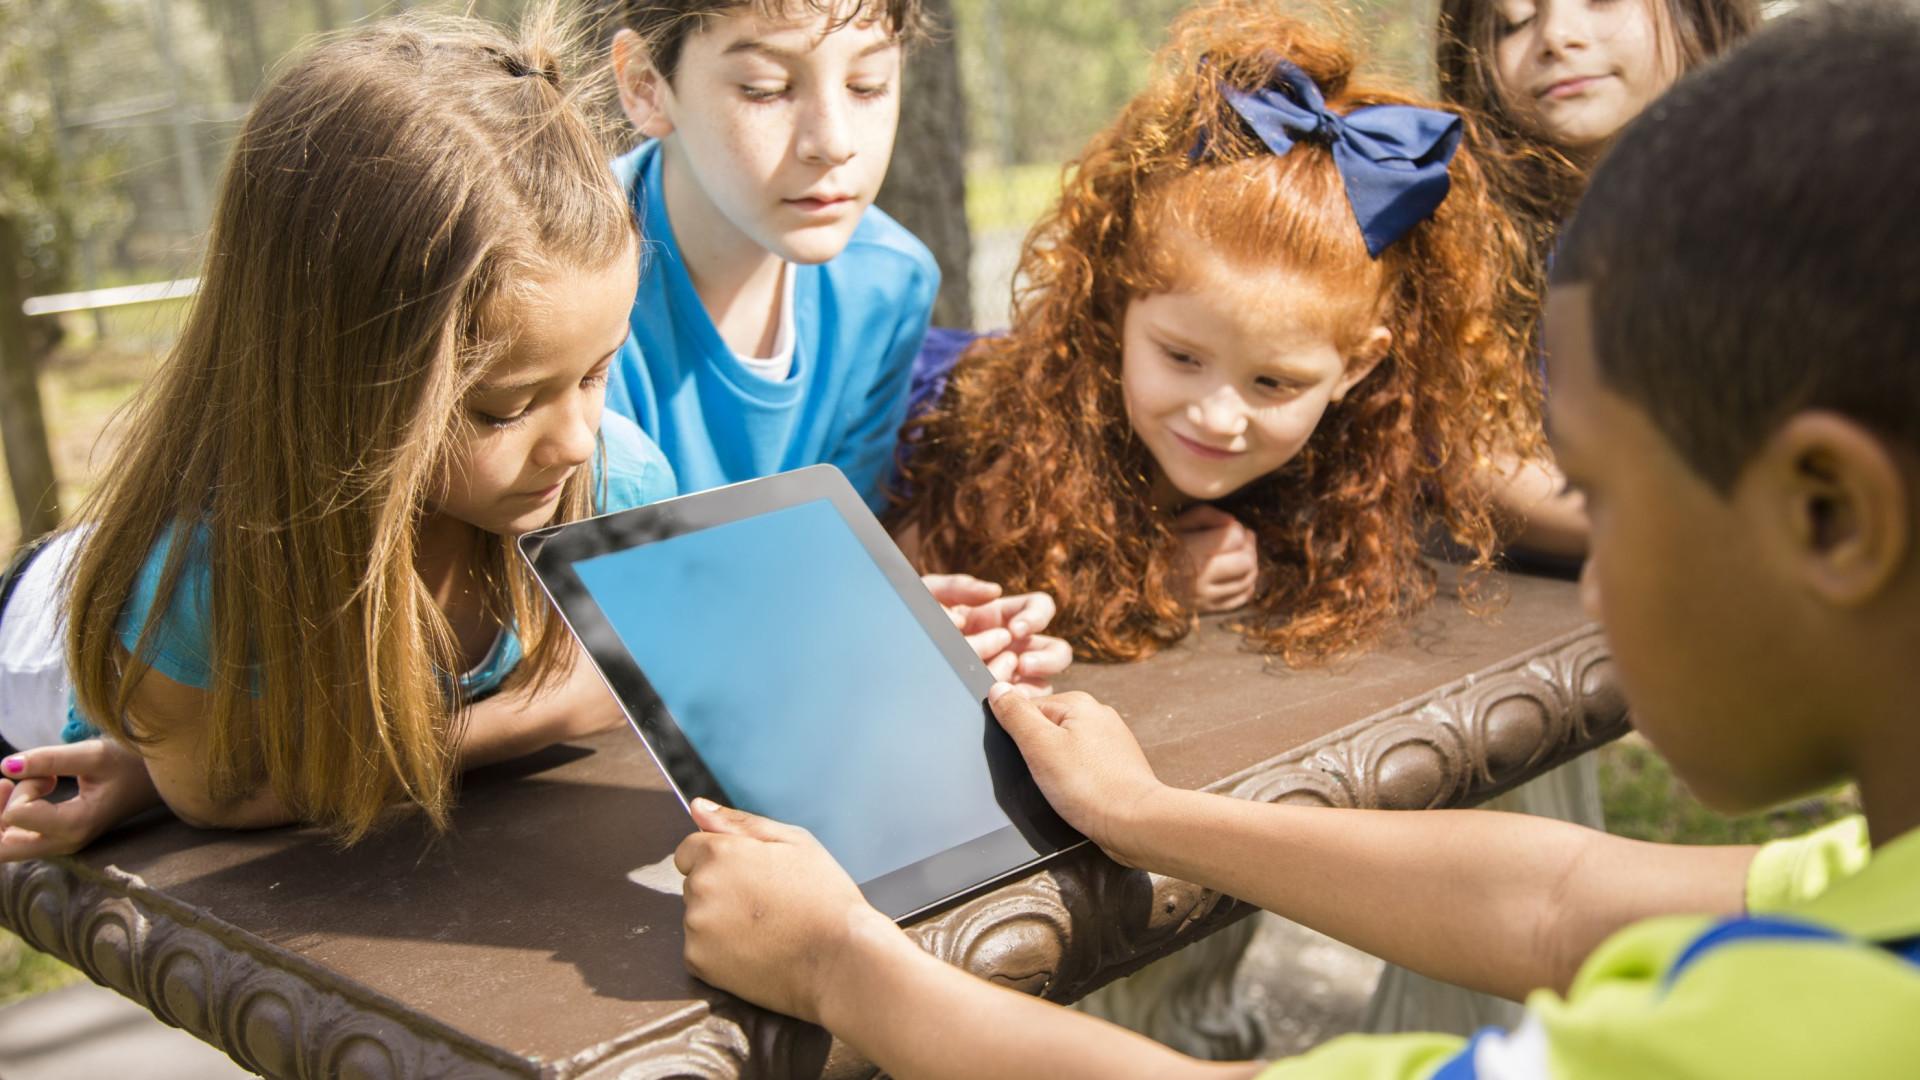 Crianças: O impacto de passar mais de 7 horas diárias em frente ao ecrã